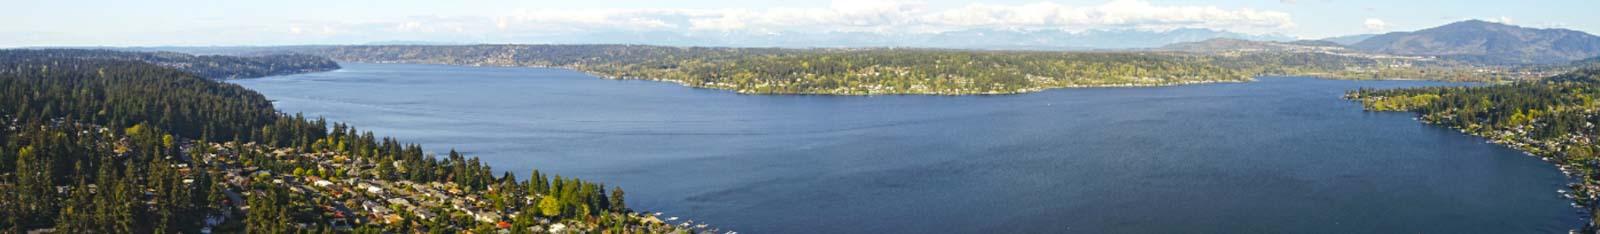 Lake Sammamish Waterfront Market Statistic